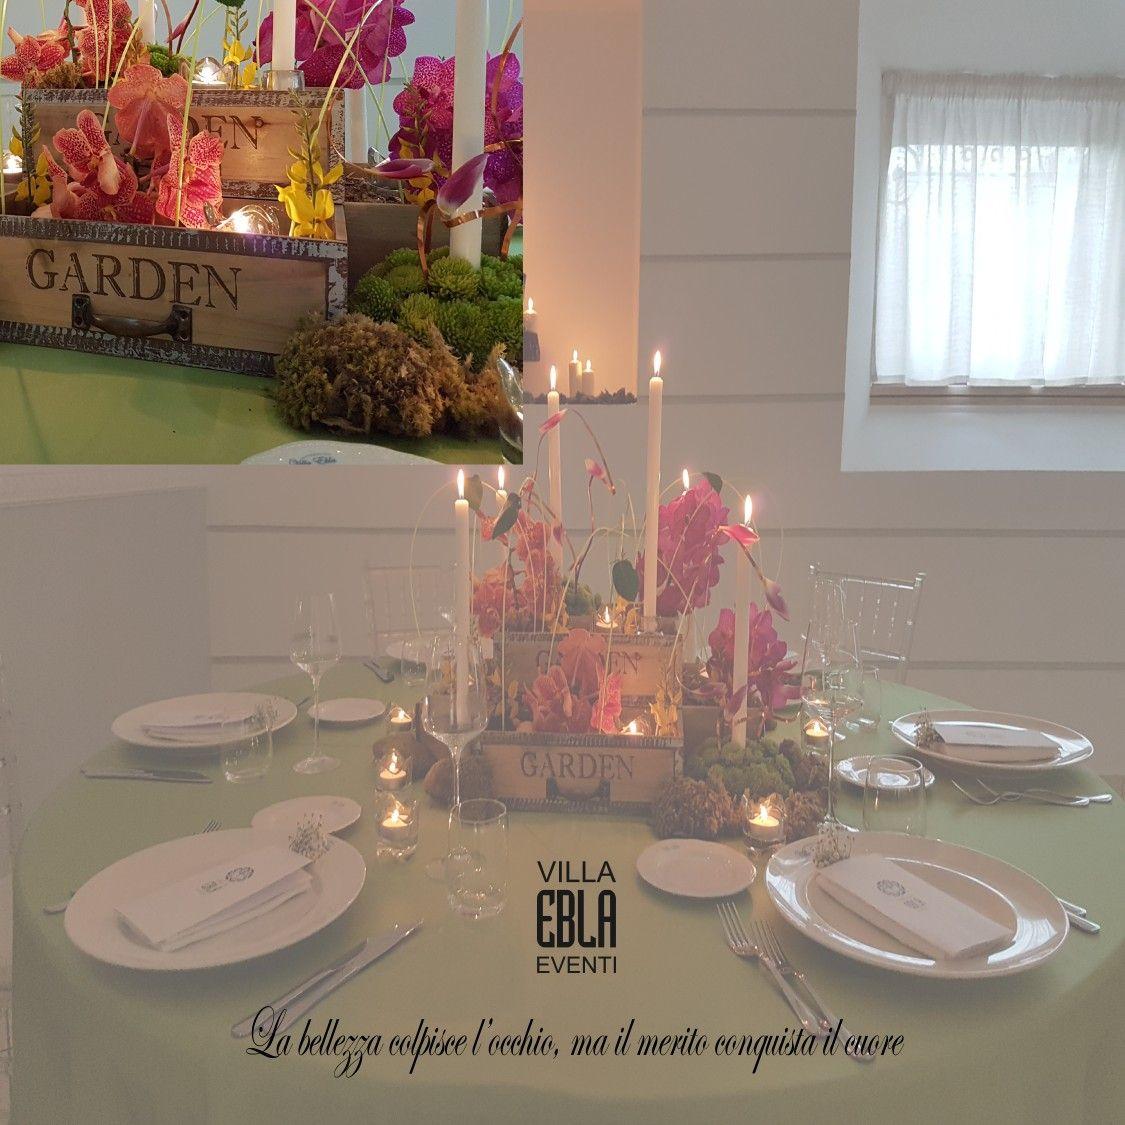 Pin di Villa Ebla su villa ebla wedding event Eventi